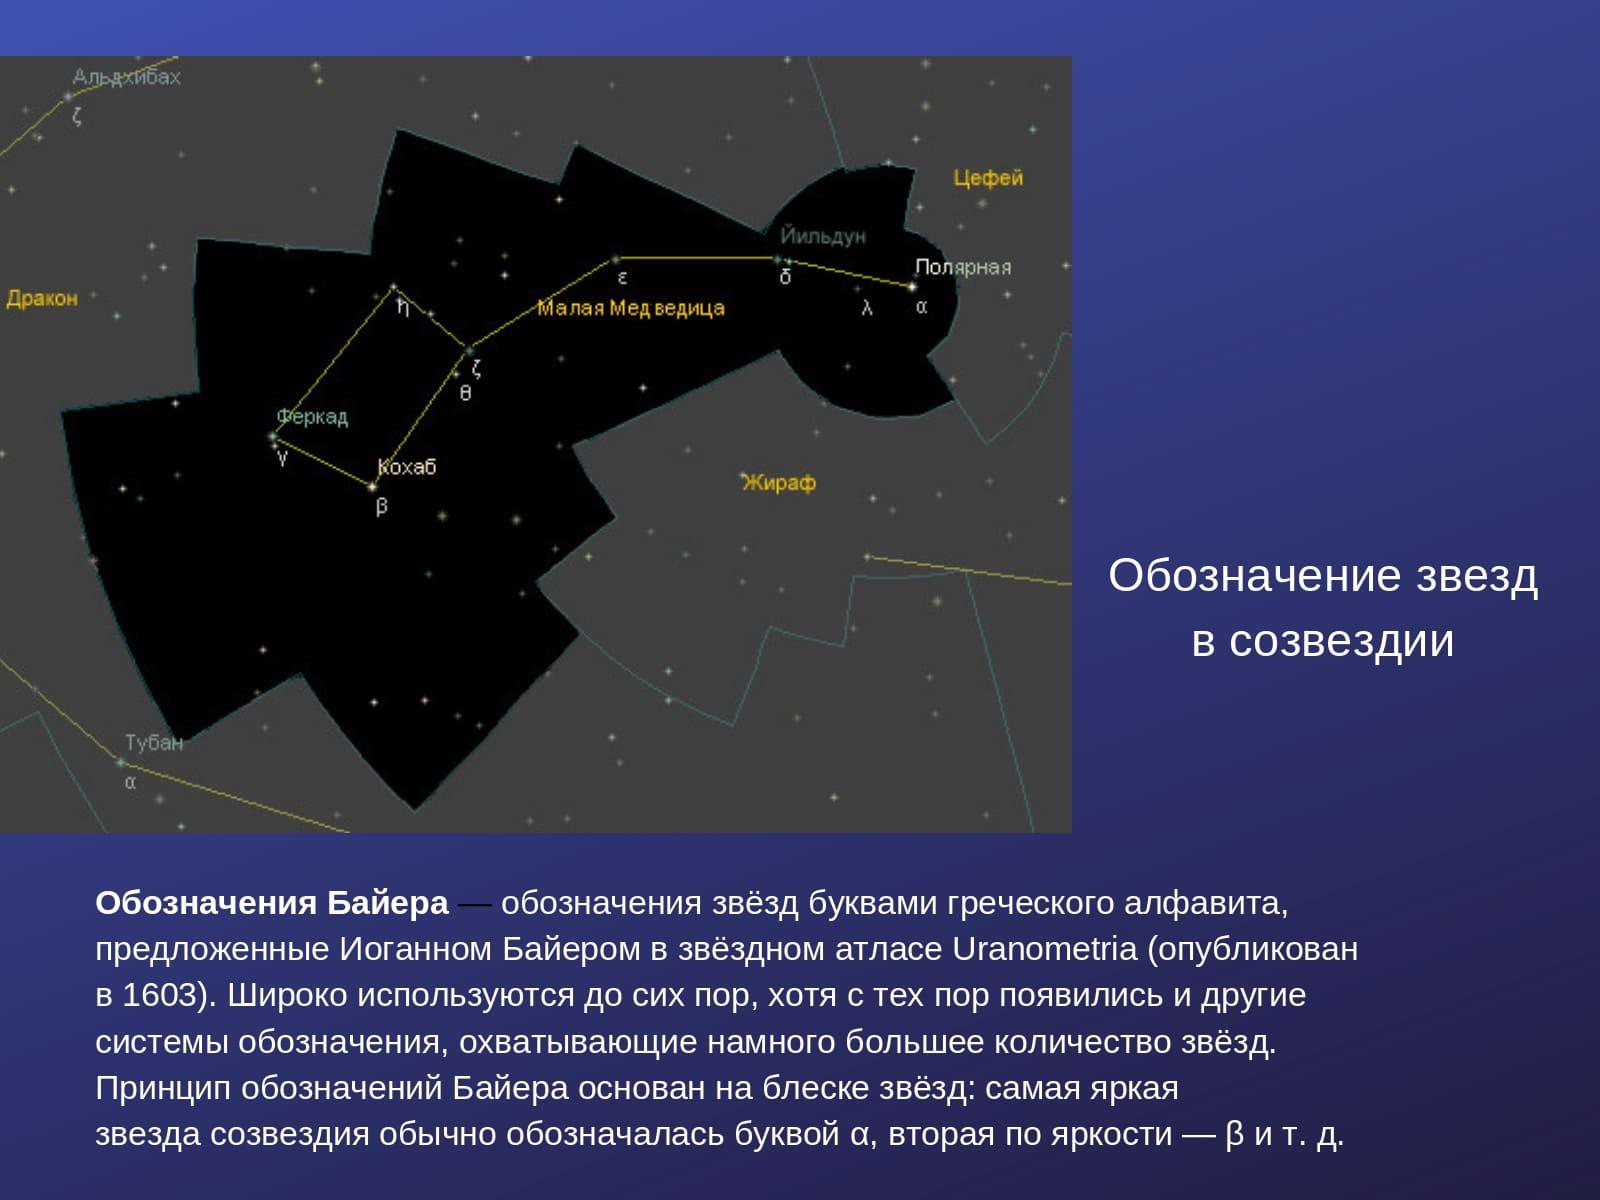 обозначение звёзд в созвездии